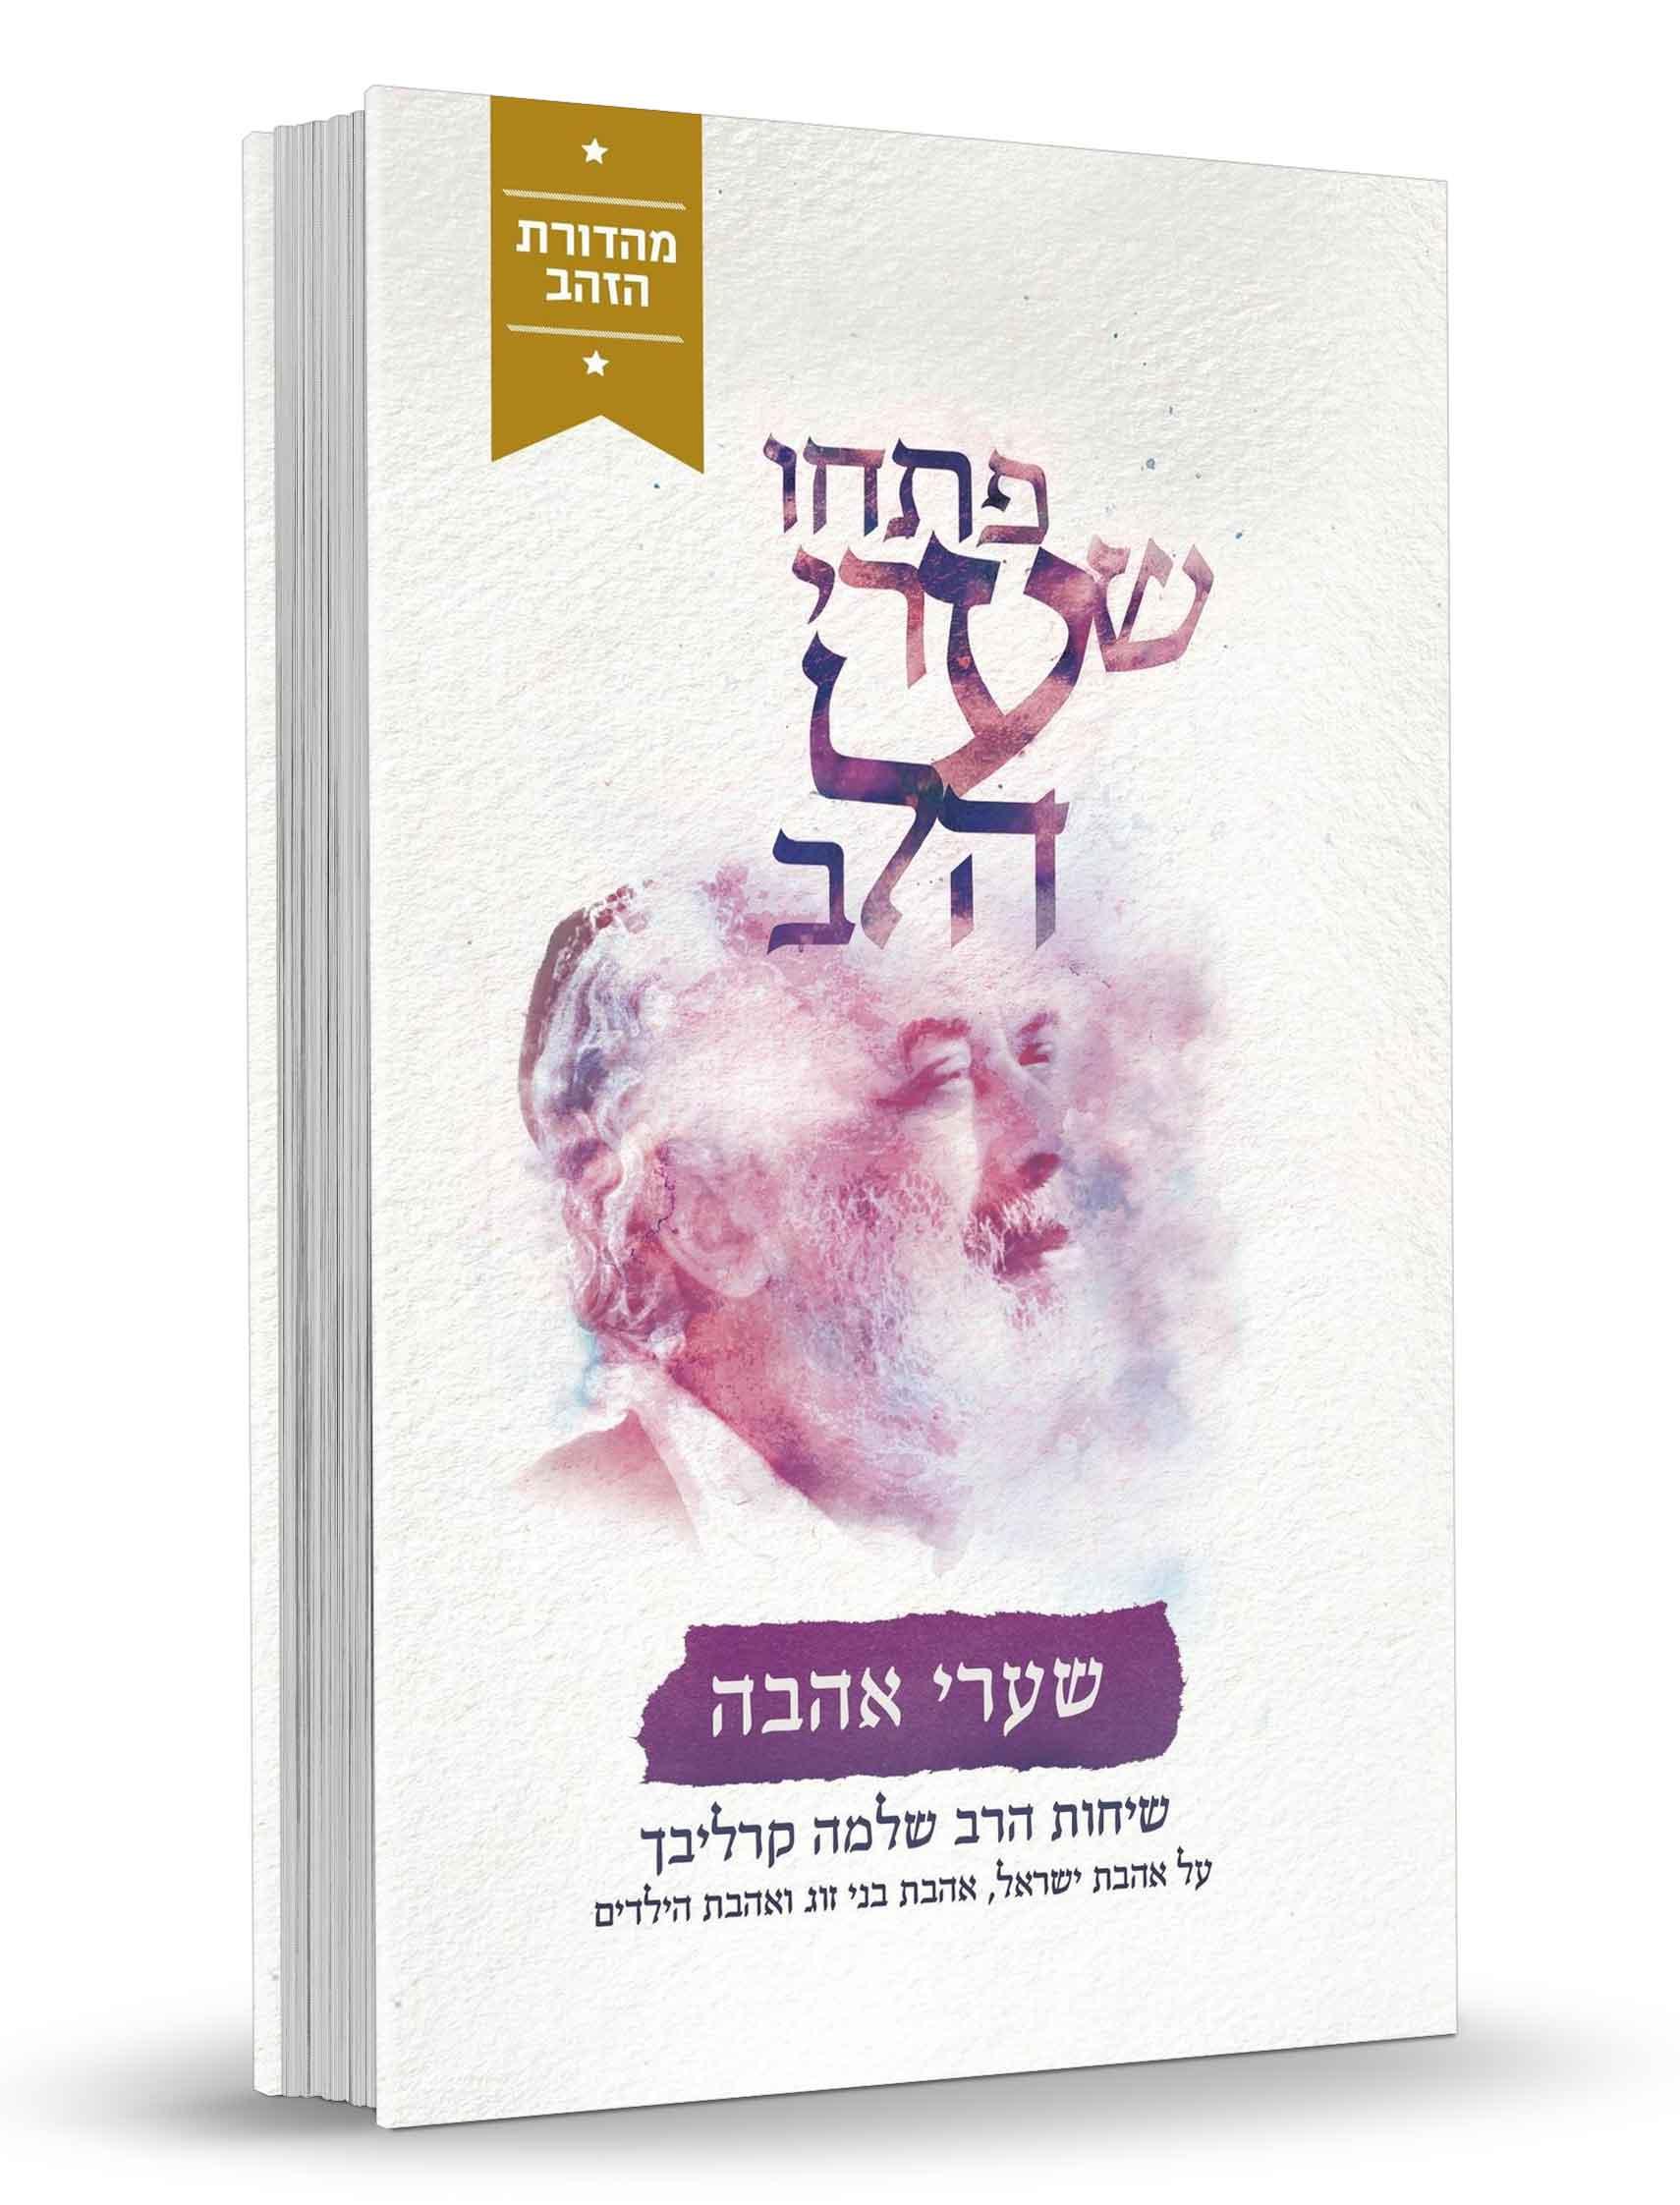 פתחו שערי הלב - שערי אהבה ושערי חיים - שיחות הרב שלמה קרליבך חלק 2